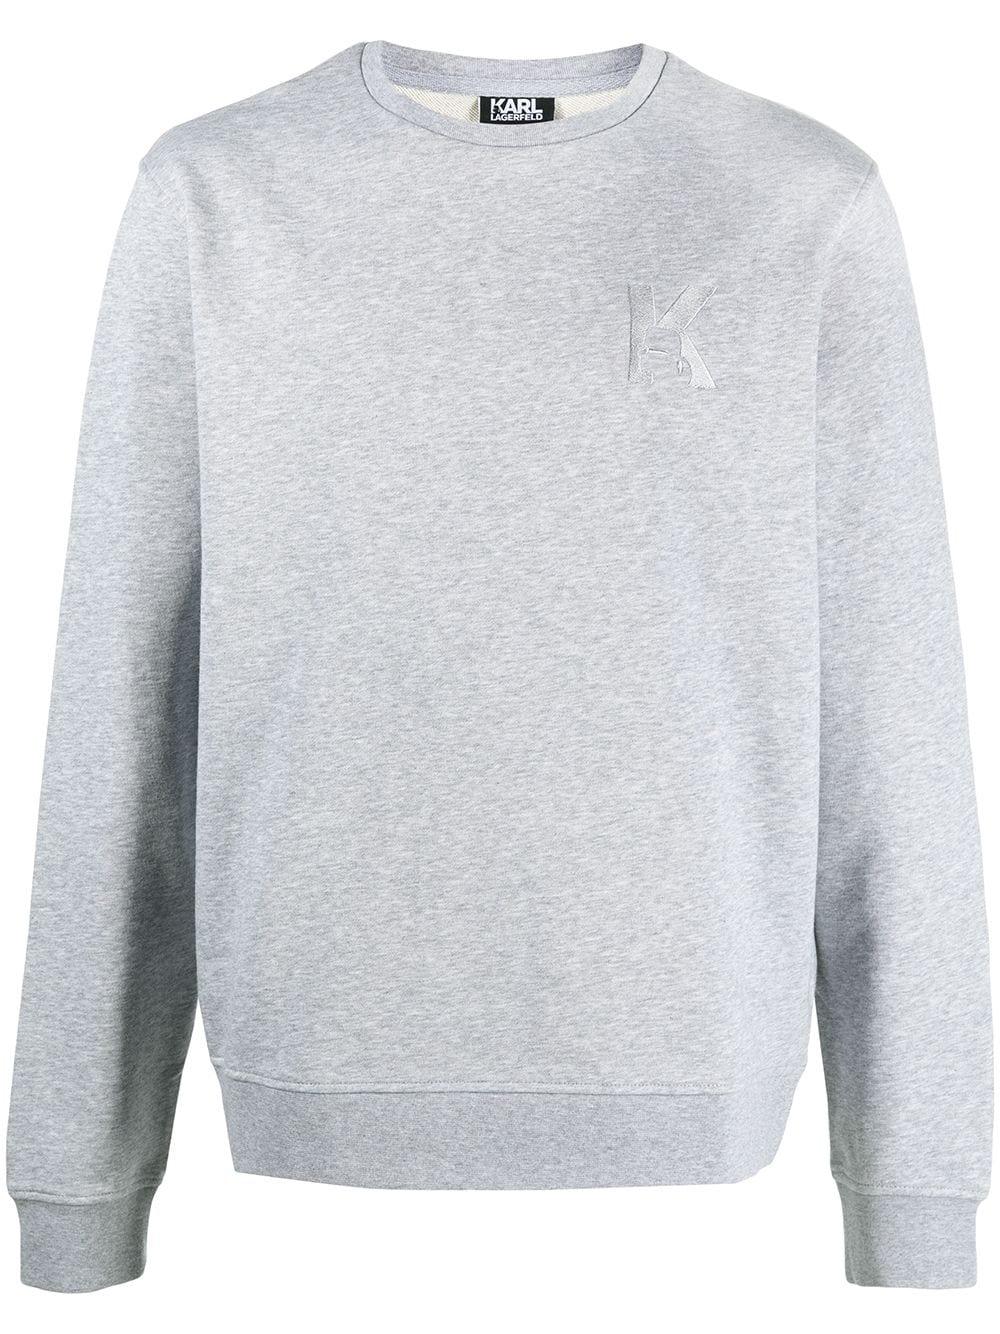 Karl Lagerfeld K embroidery rib-trimmed sweatshirt - Grau